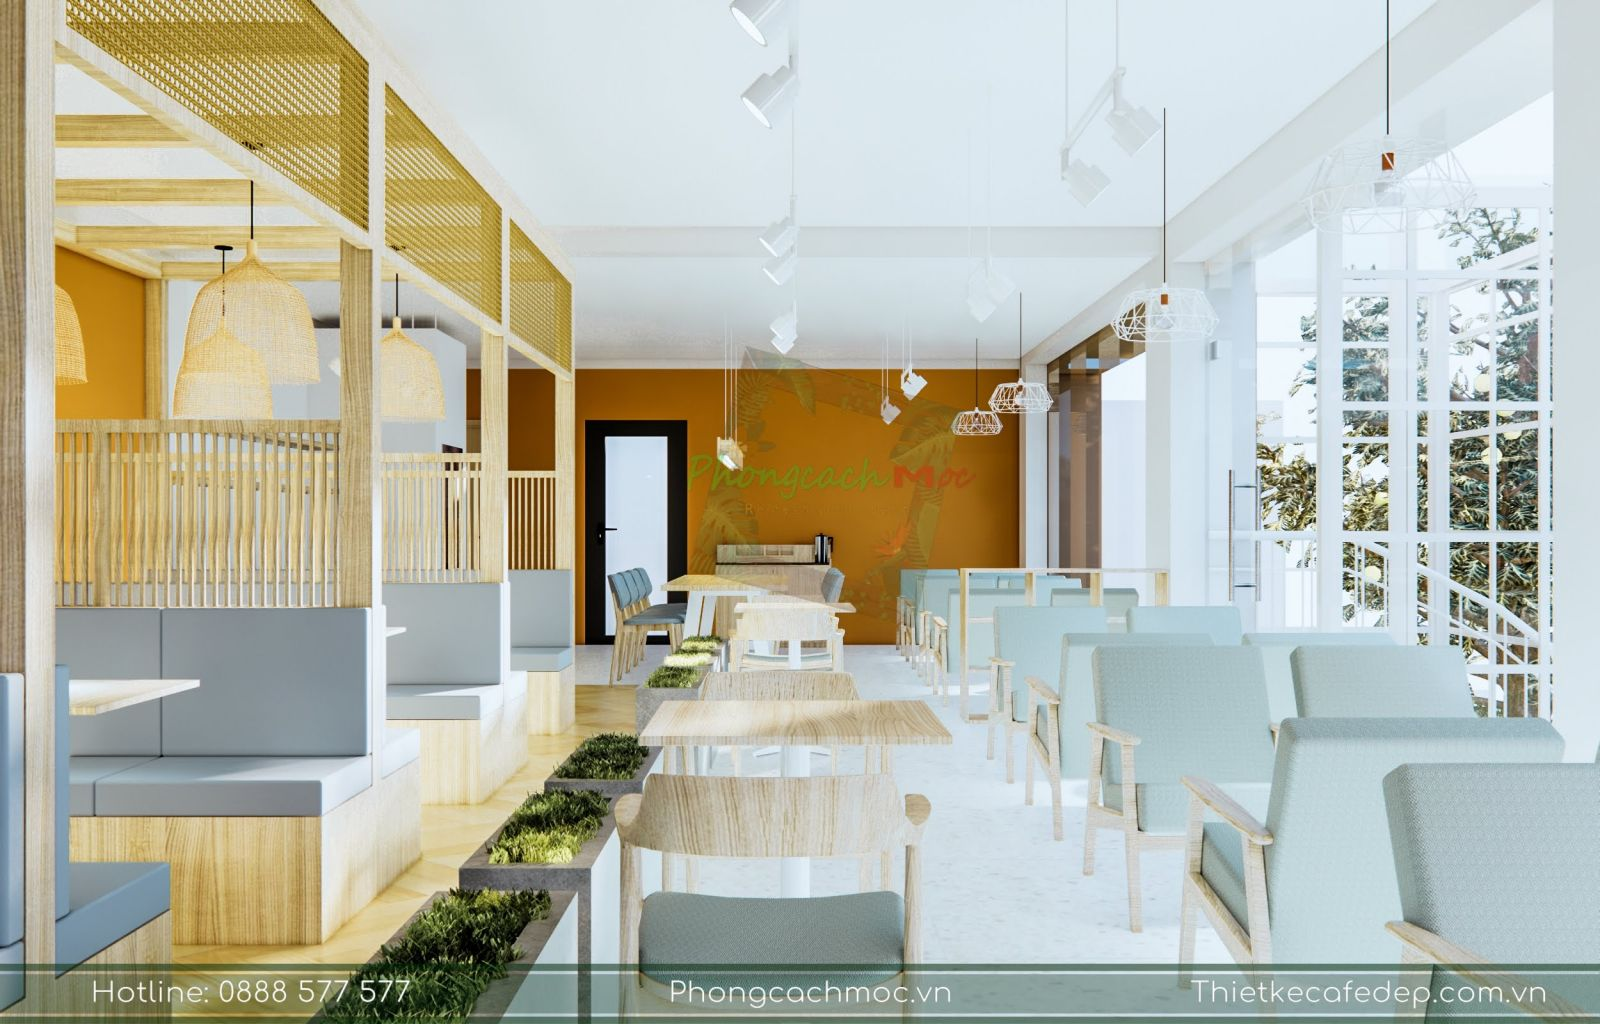 thiet-ke-quan-cafe-145-coffee-Binh-Duong-43